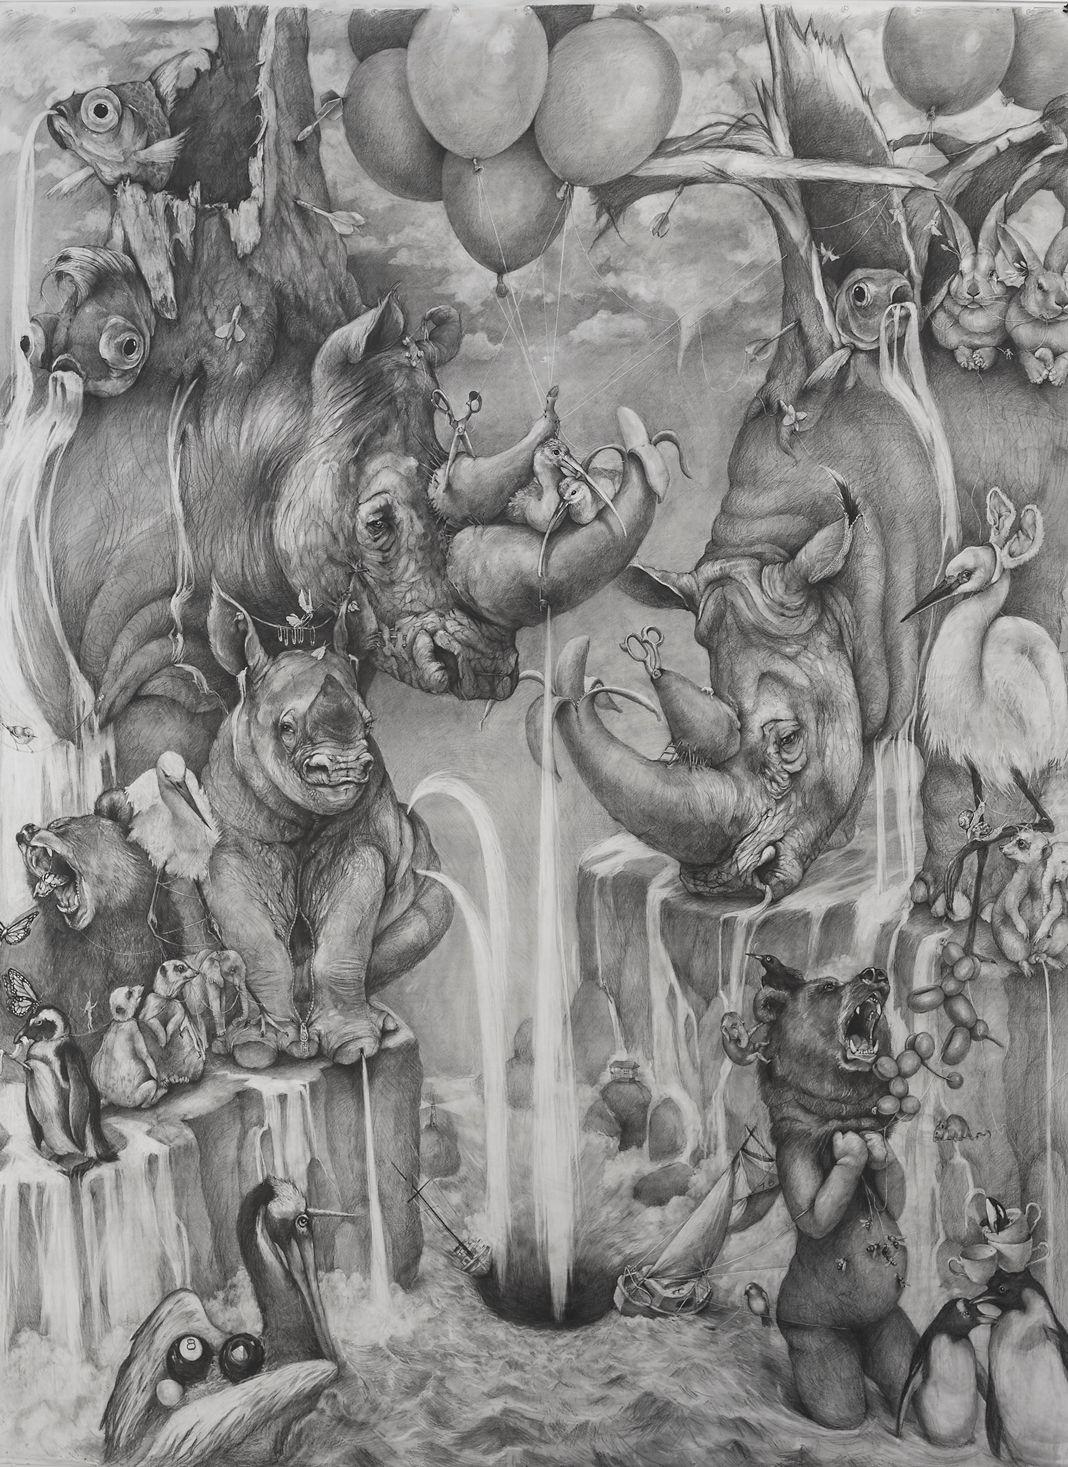 Large works adonna khare artist